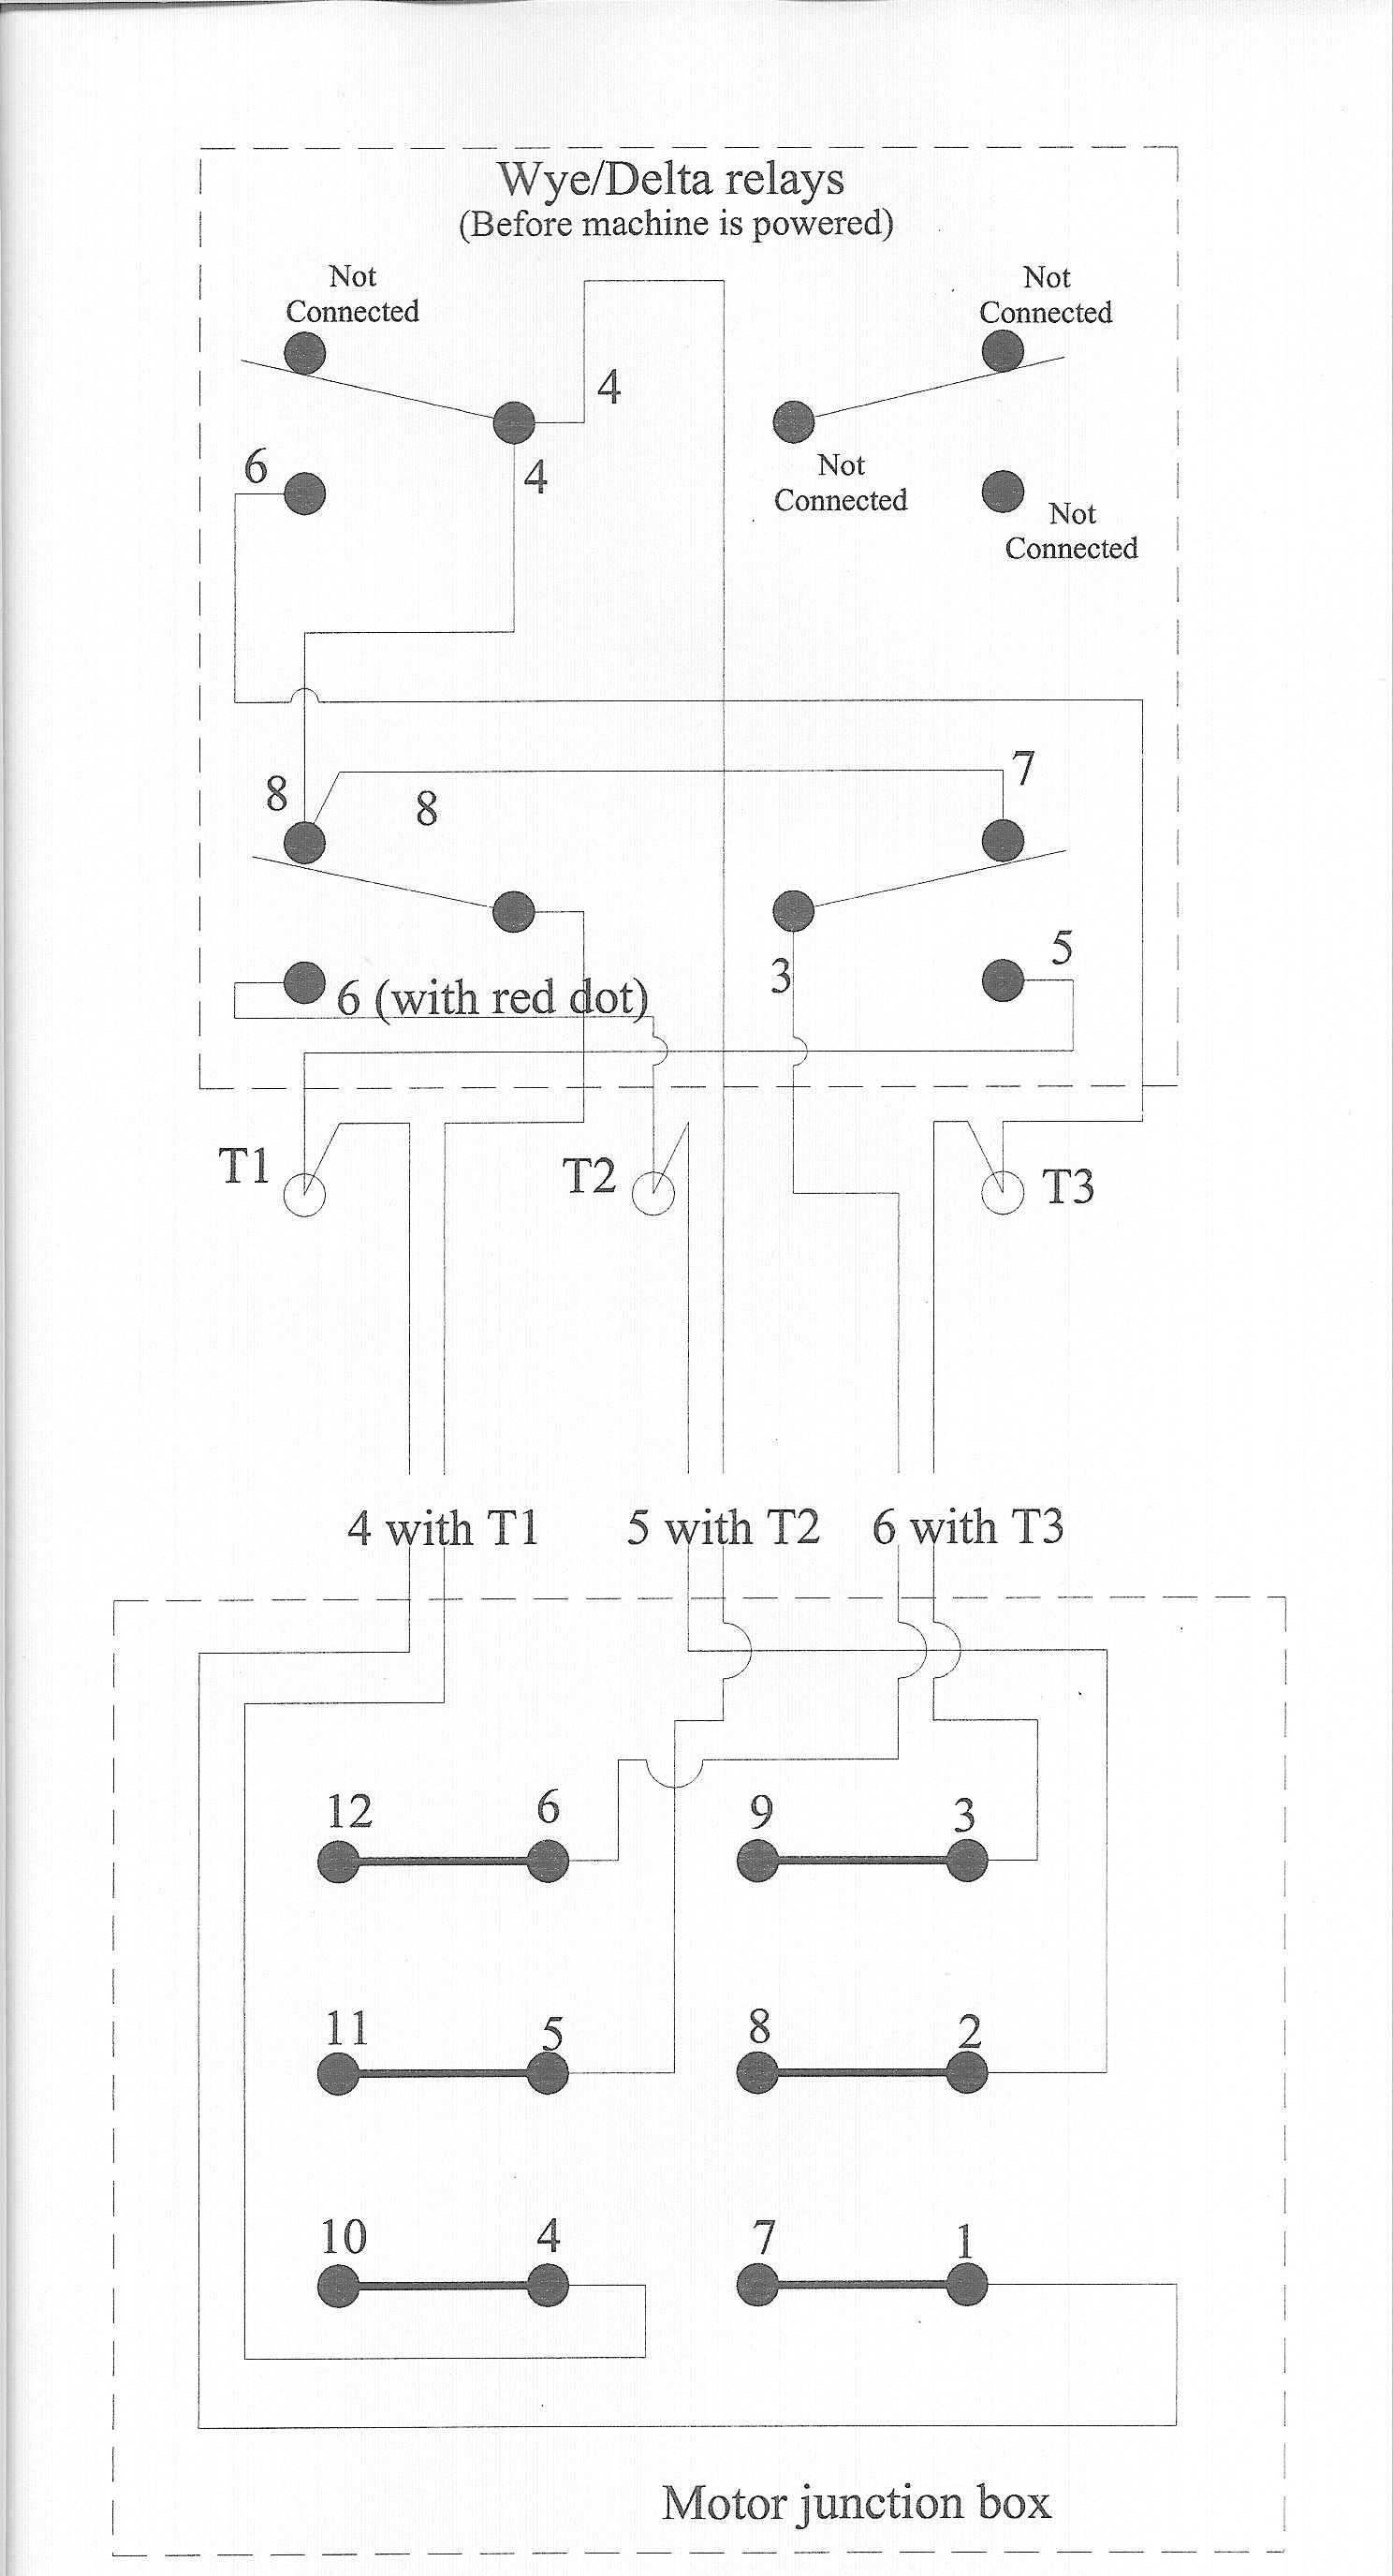 wye delta wiring diagram toyota 3sgte fadal motor problem